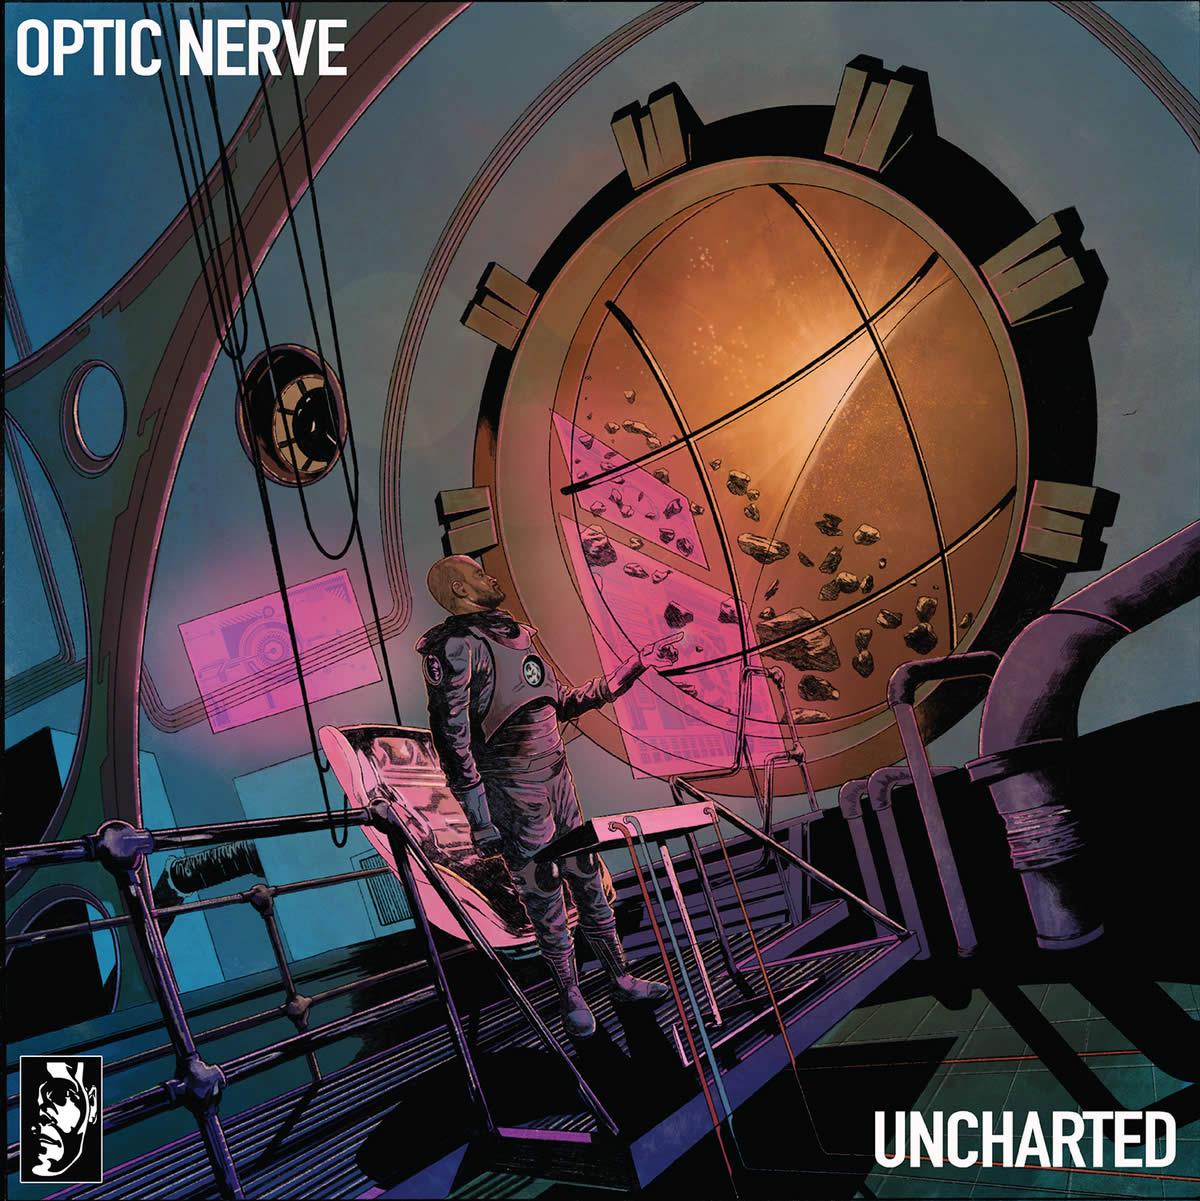 Optic-Nerve-Uncharted.jpg